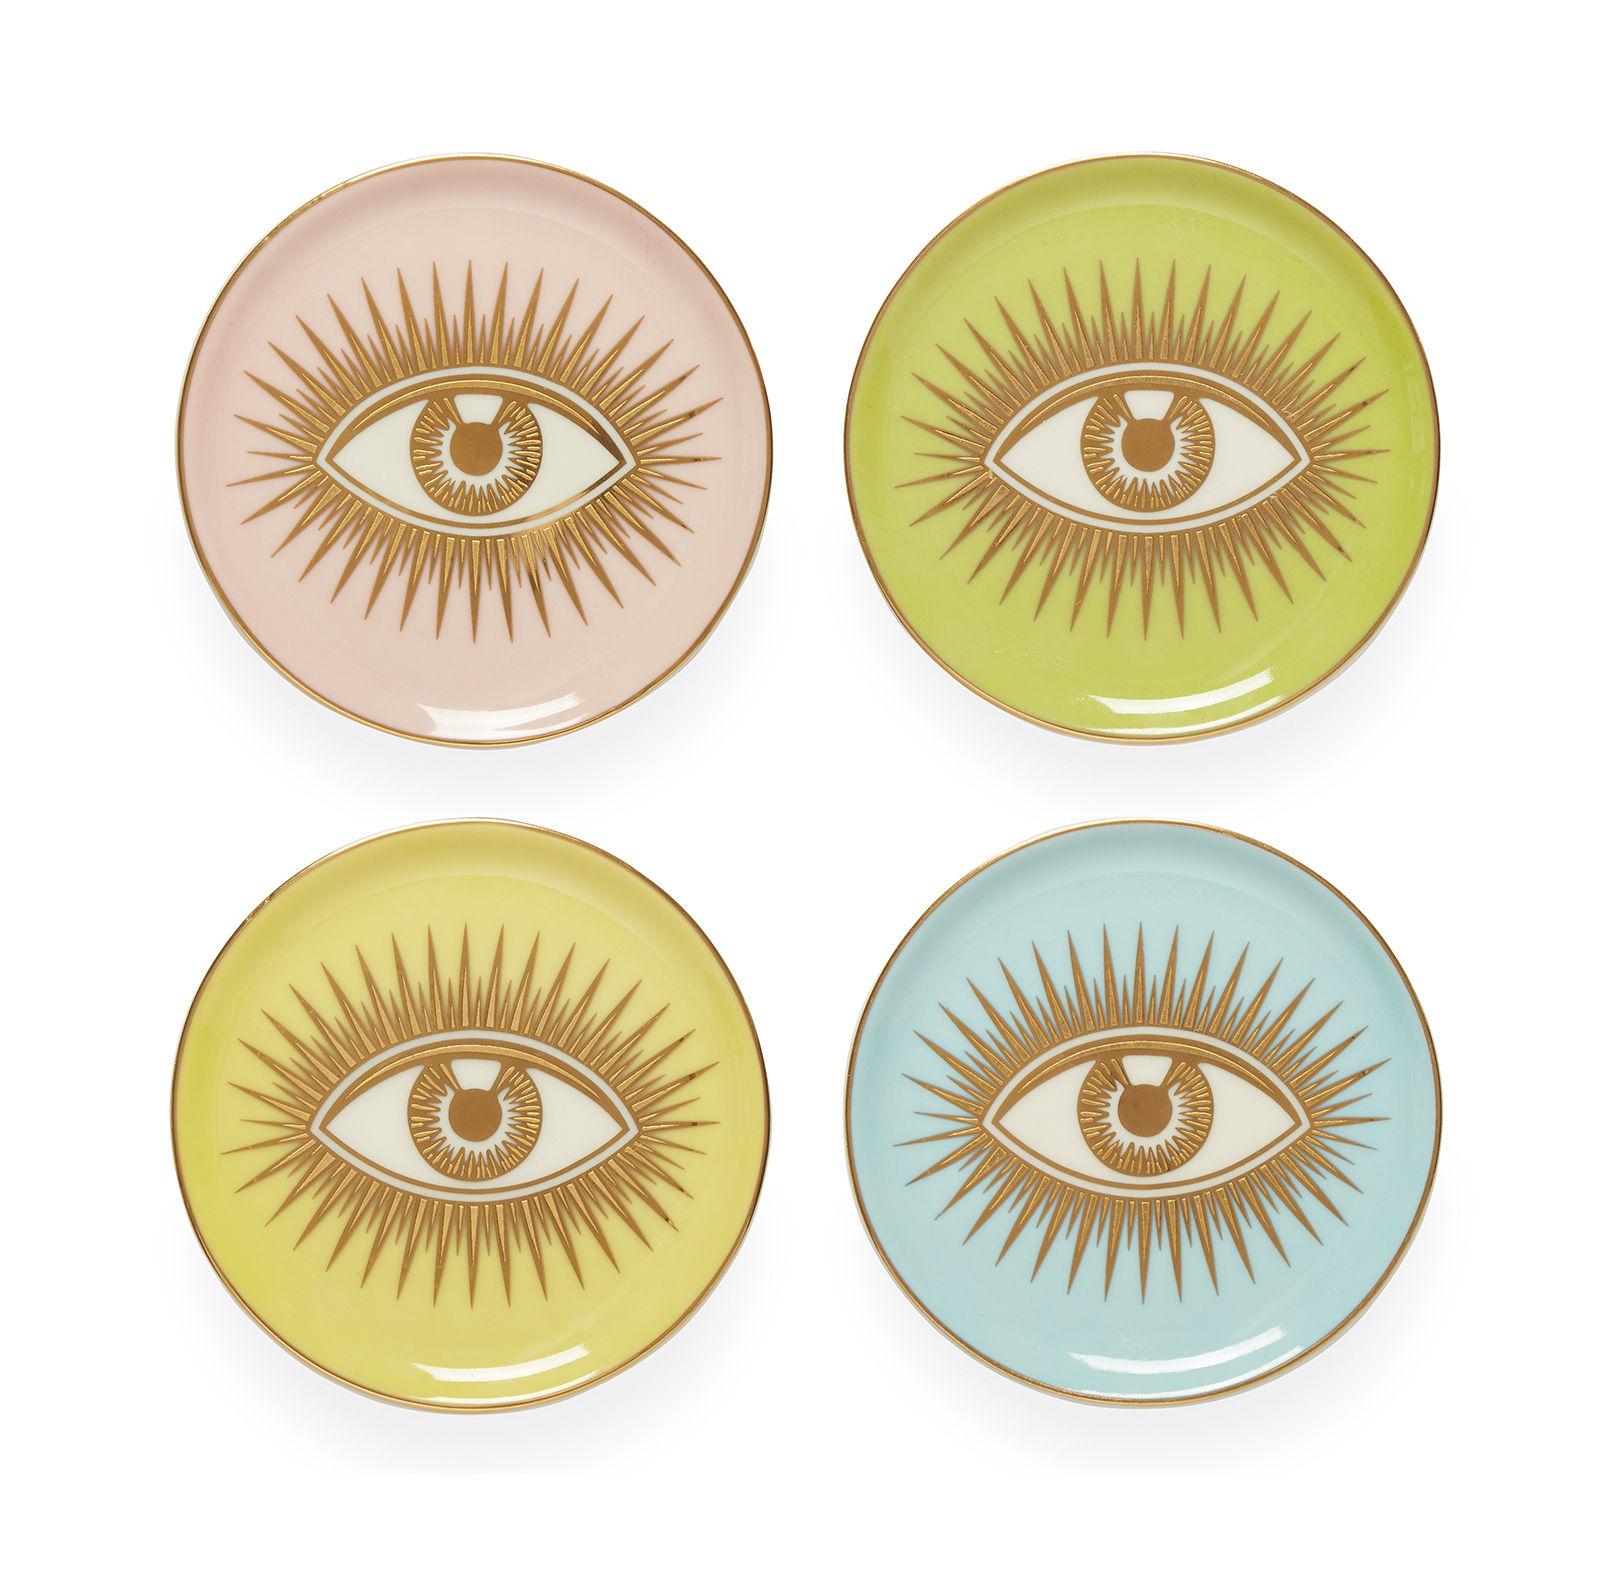 Arts de la table - Dessous de plat - Vide-poche Le wink / Set de 4 - Porcelaine & or - Jonathan Adler - Rose / Vert / Jaune / Bleu - Porcelaine